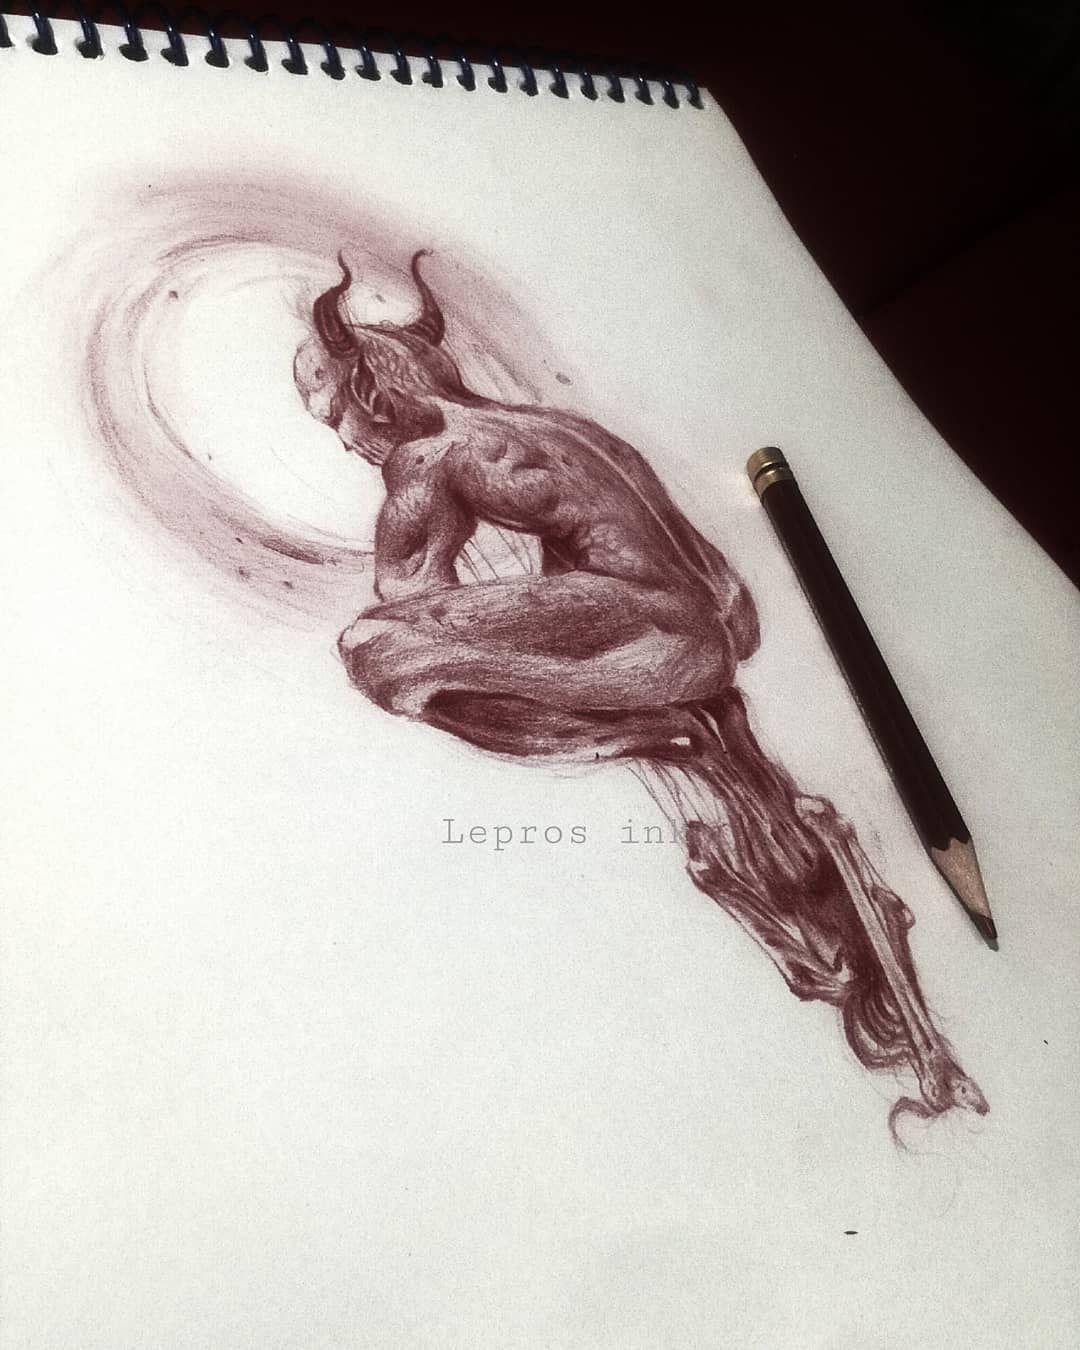 🖤✍🏼 #art #darkart #sketchtattoo #sketch #drawing #dibujo #blackart #artblack #tattoowork #drawings #night #cdmx #blackwork #artwork #tattoodrawing #tattooflash